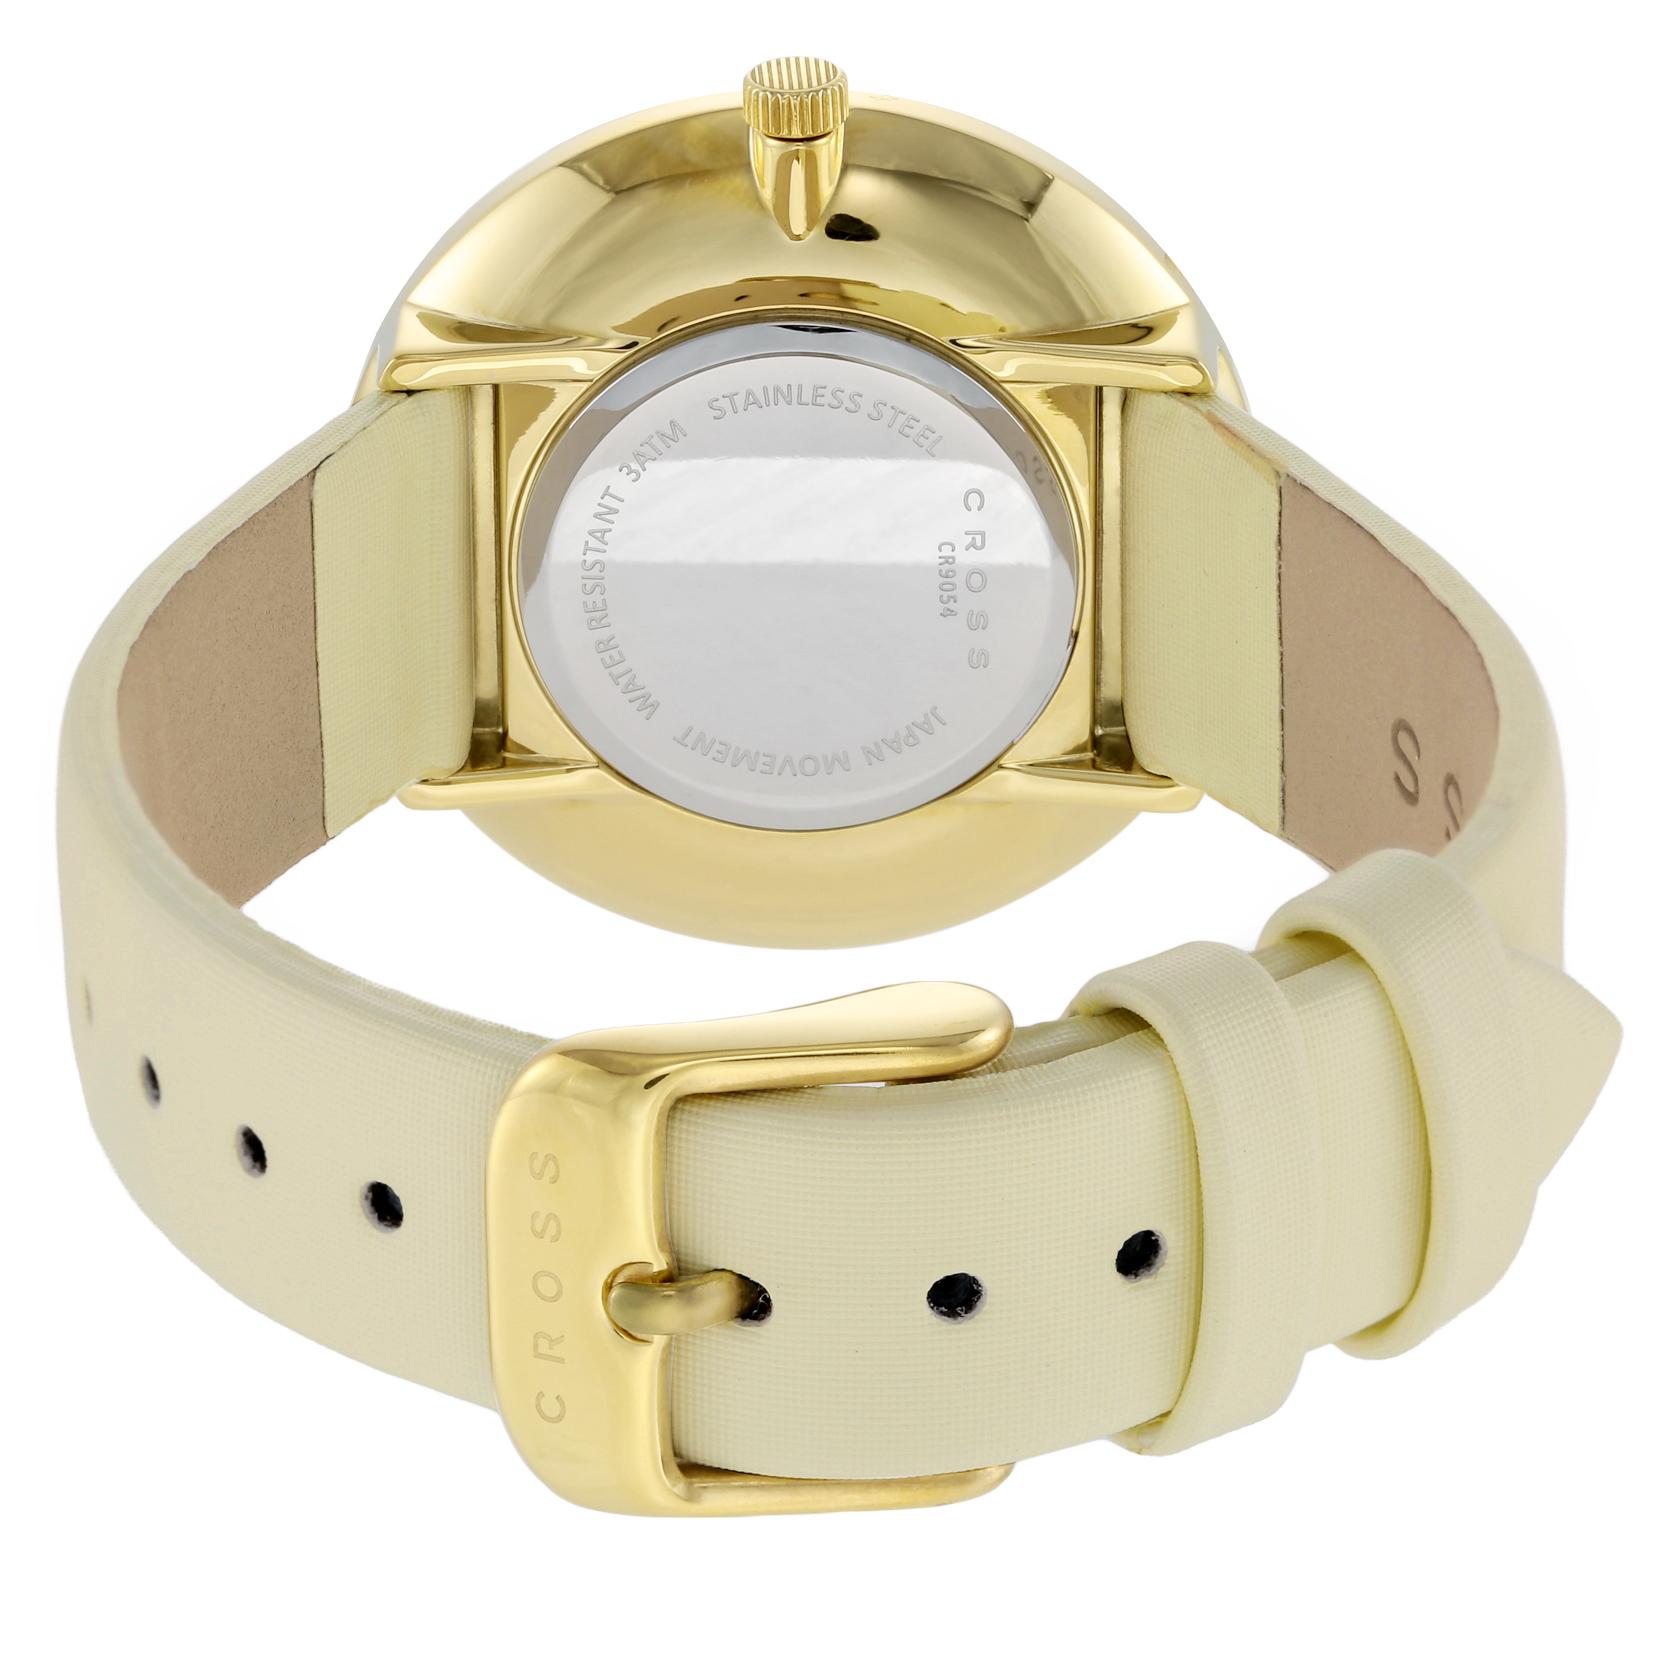 【期間限定 エントリーでP10倍】 CROSS(クロス) ■腕時計 レディース ベージュ CR9054-06